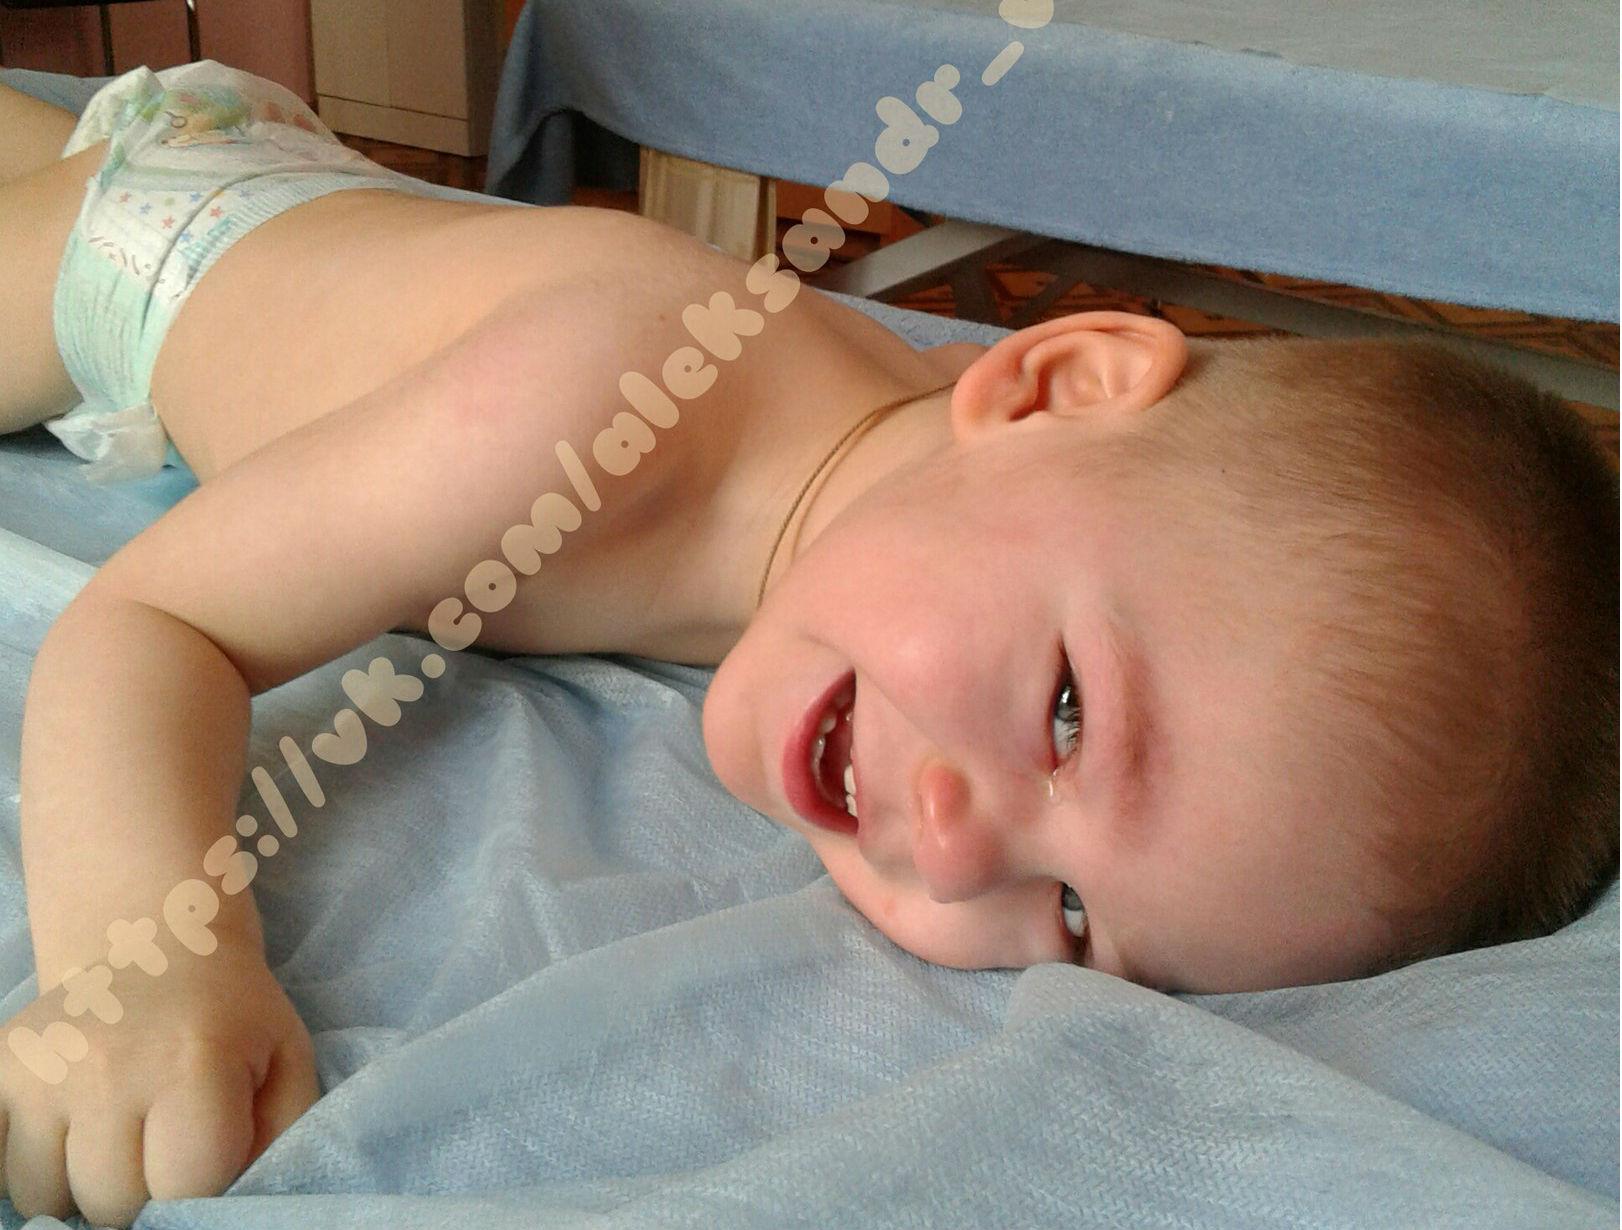 Семья двухлетнего сыктывкарца Саши Седрисева собирает средства на реабилитацию малыша